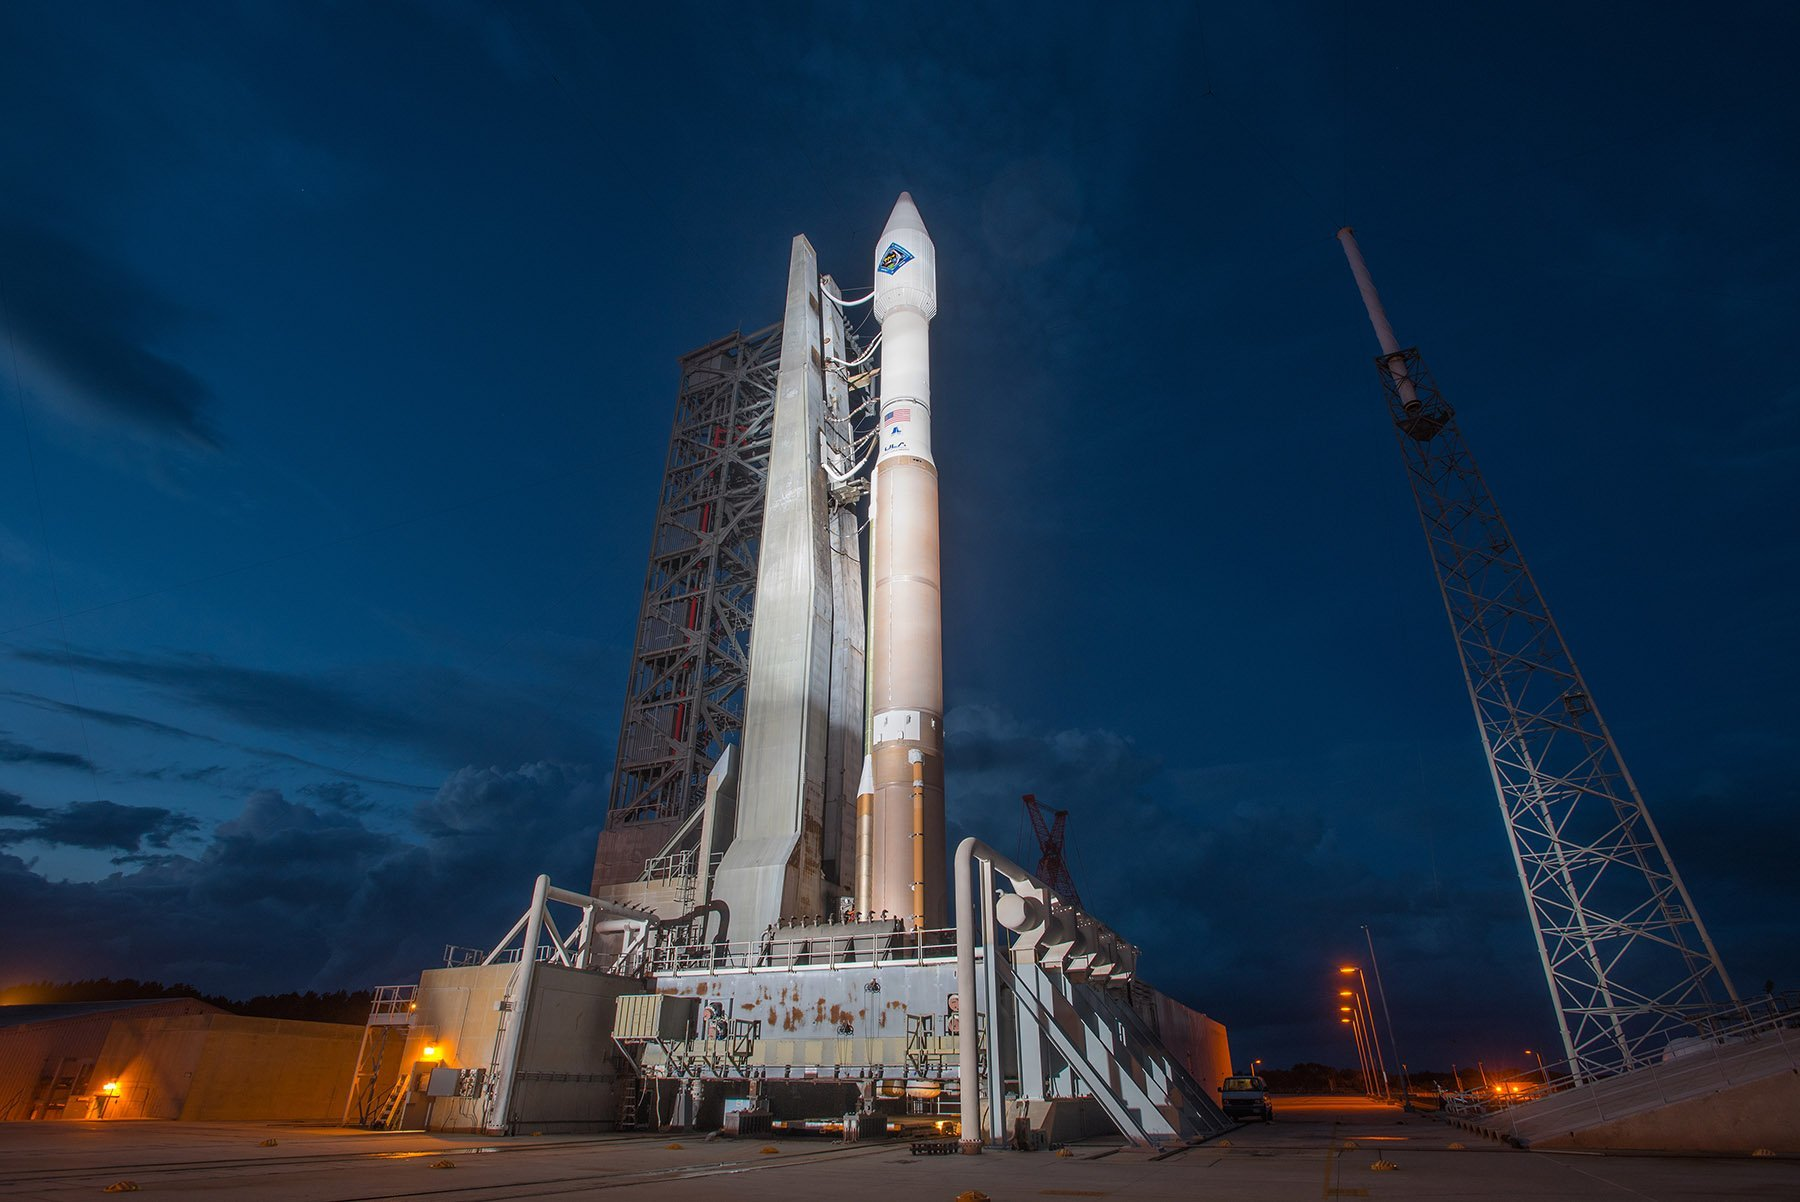 [Старт отложен] Запуск космического грузовика Cygnus Orb-4 к МКС намечен на 01:55 - 3